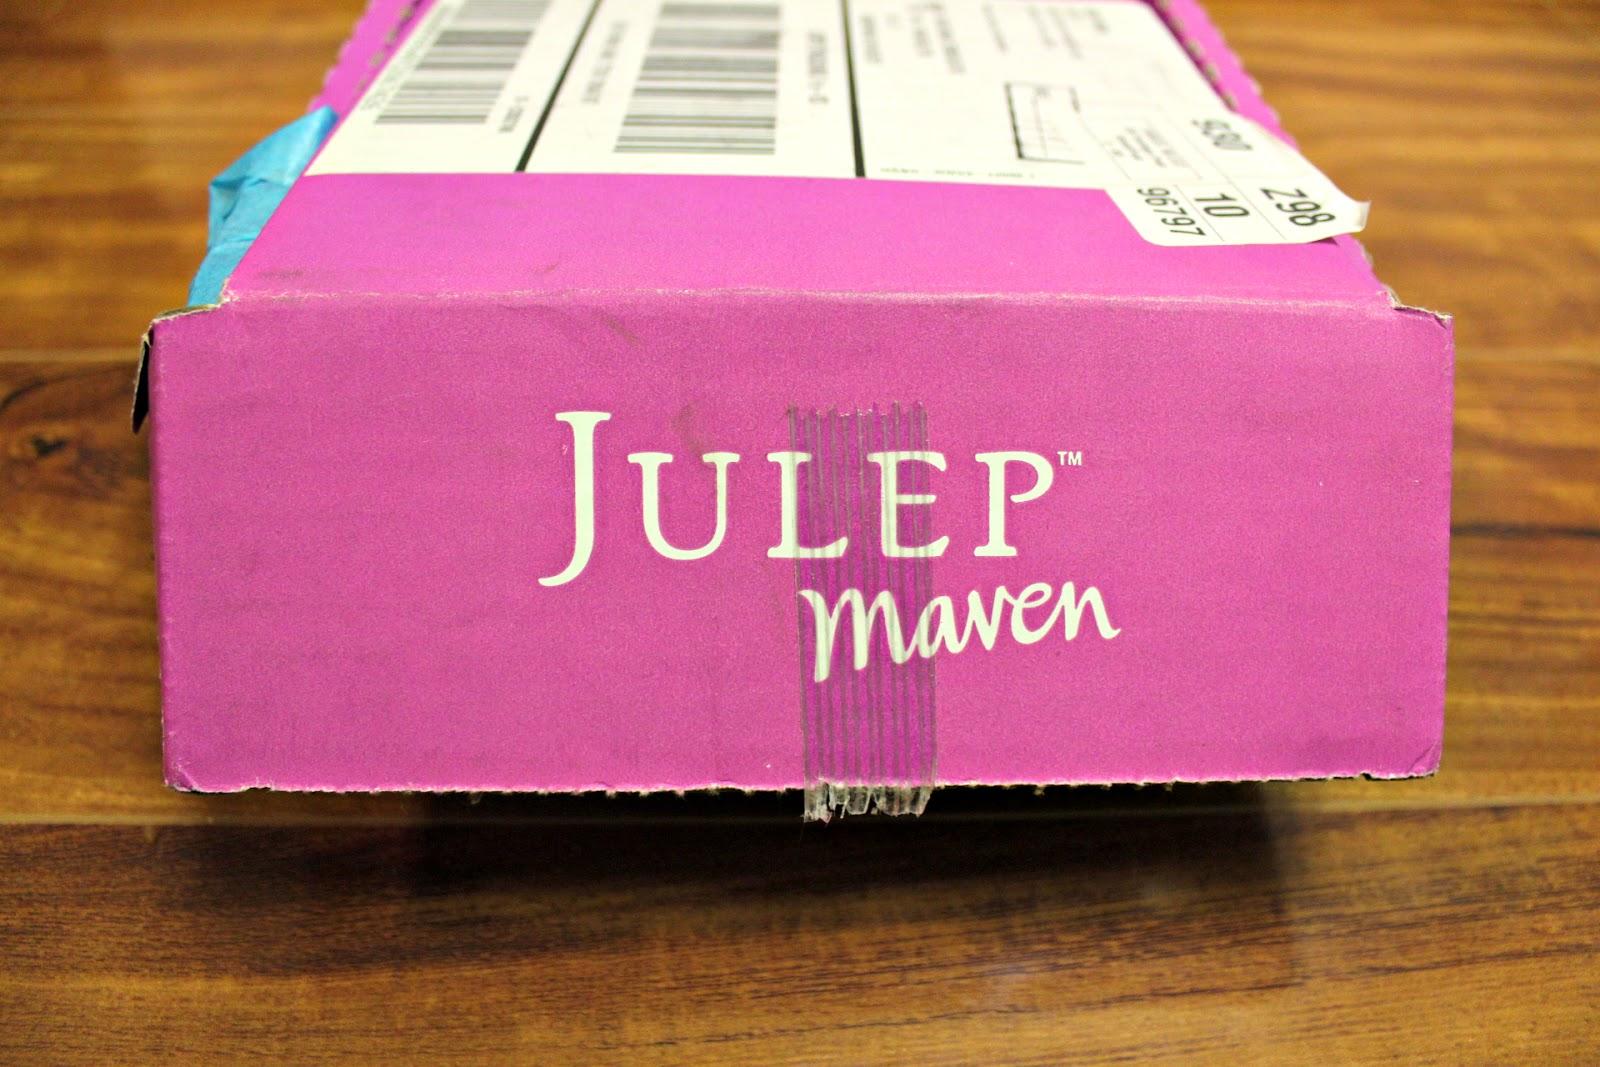 Julep Maven Review + FREE BOX CODE! - March 2015 Nail Polish ...